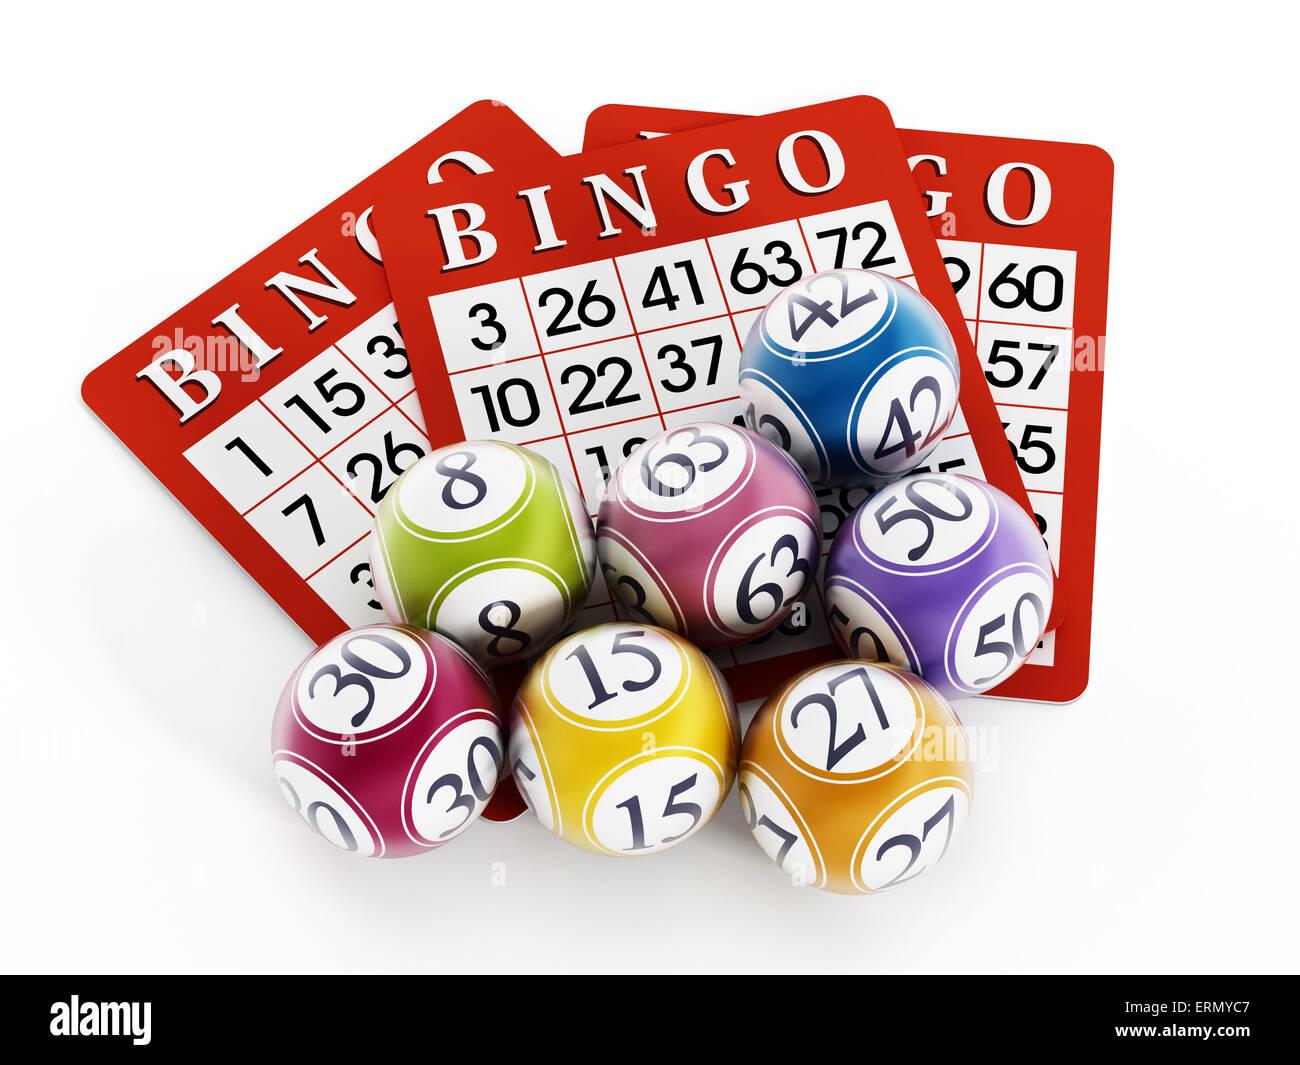 Bingo-Kugeln und Karten isoliert auf weißem Hintergrund. Stockbild